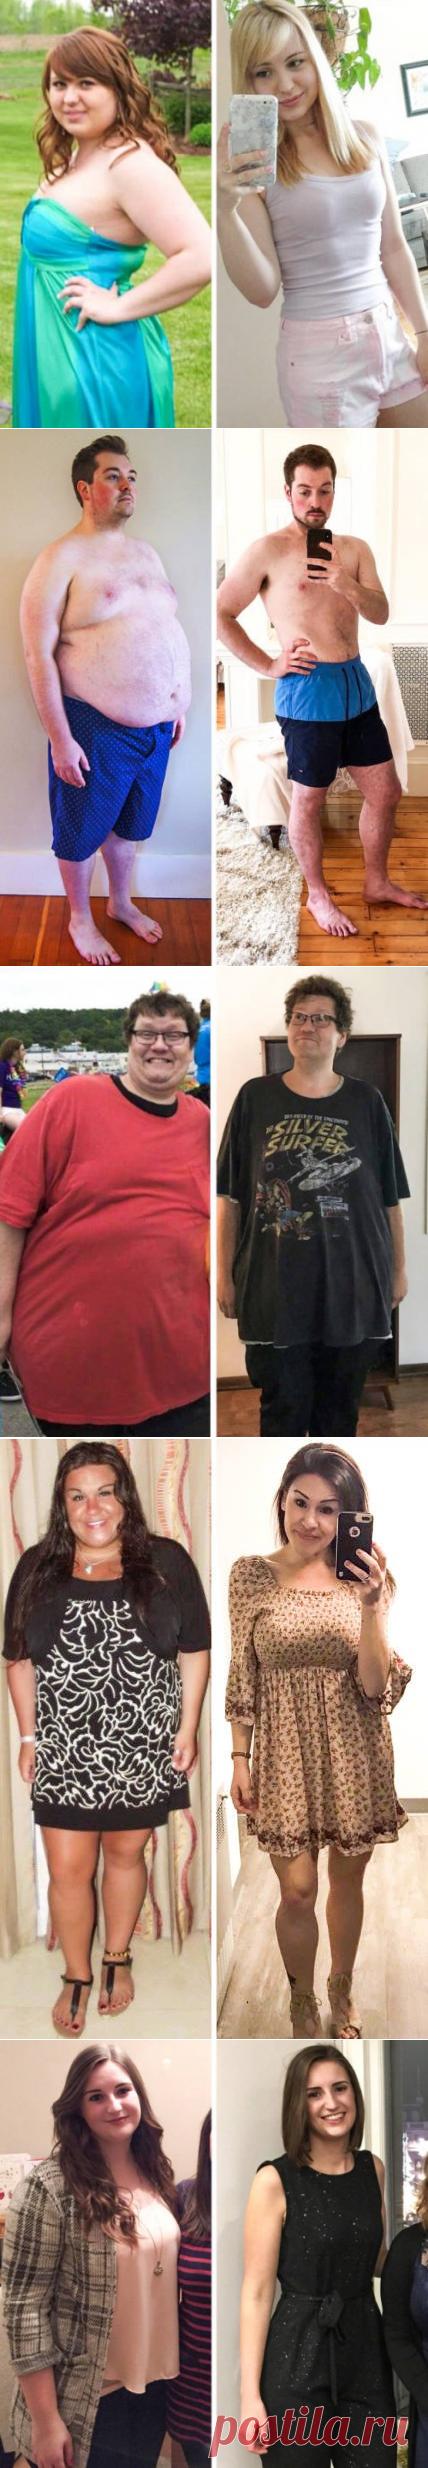 Люди с силой воли, которые решили похудеть и сделали это (22 фото)